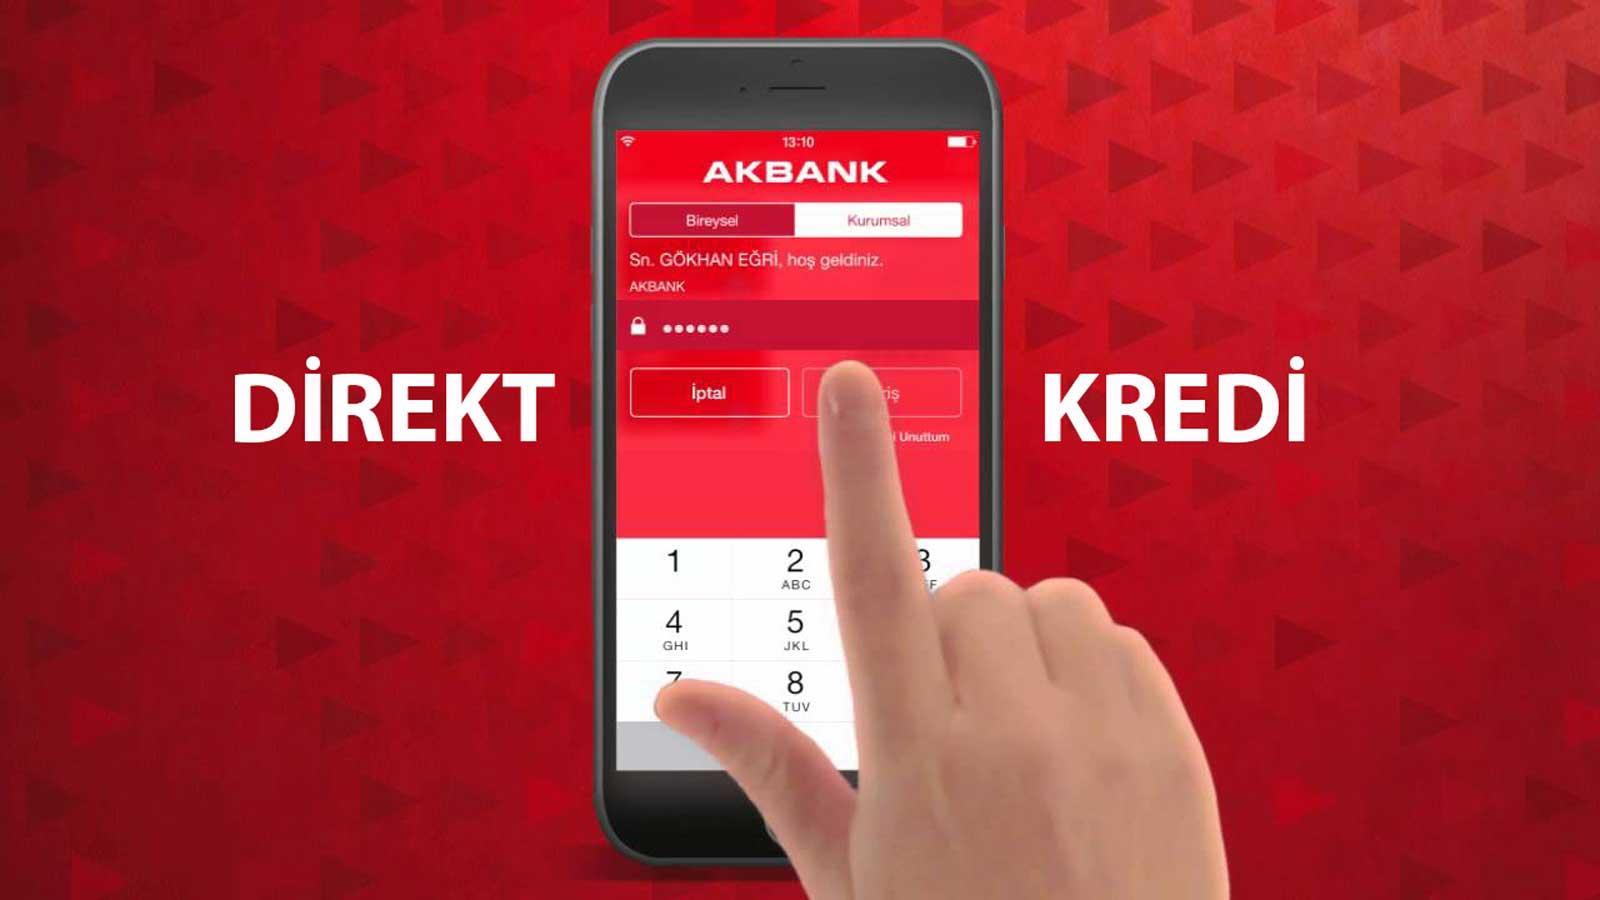 Akbank Şubeye Gitmeden Kredi Nasıl Alınır?